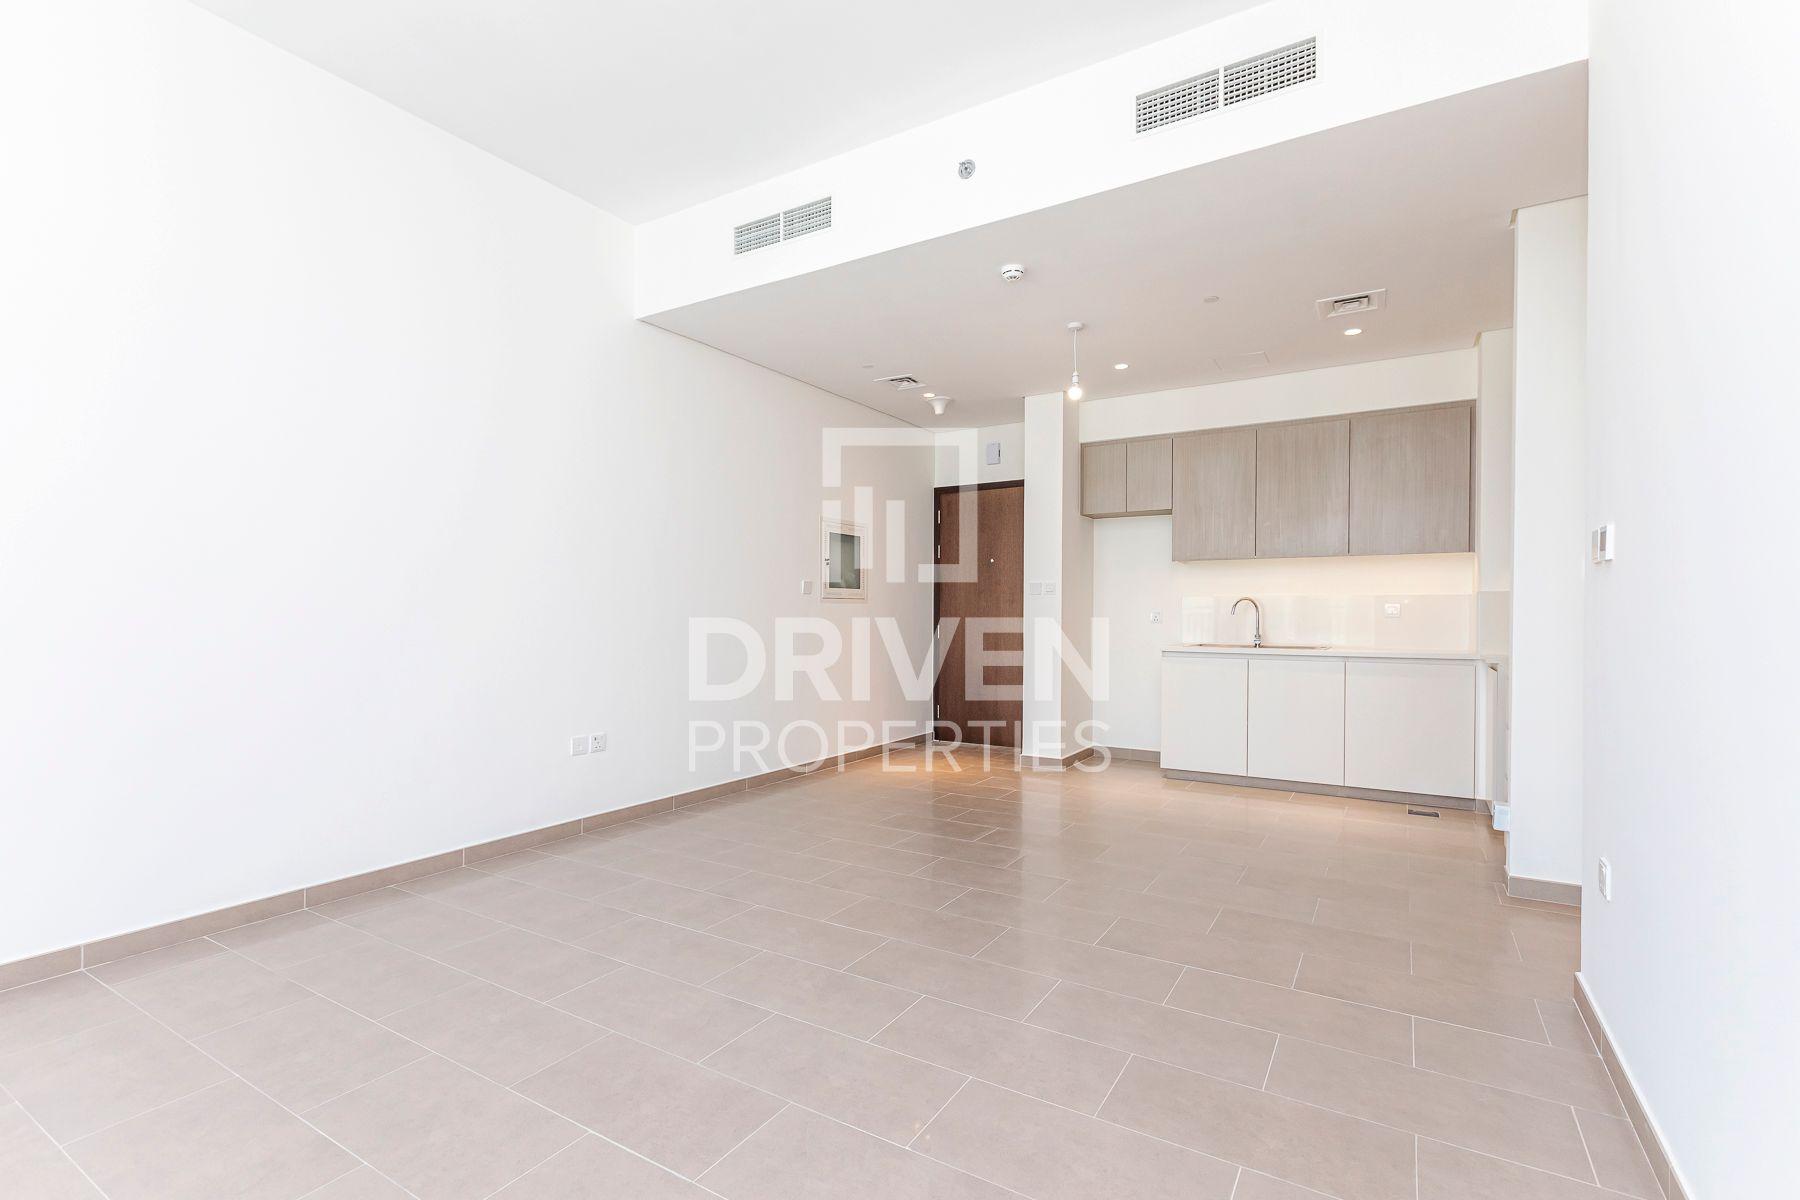 645 قدم مربع  شقة - للبيع - دبي هيلز استيت